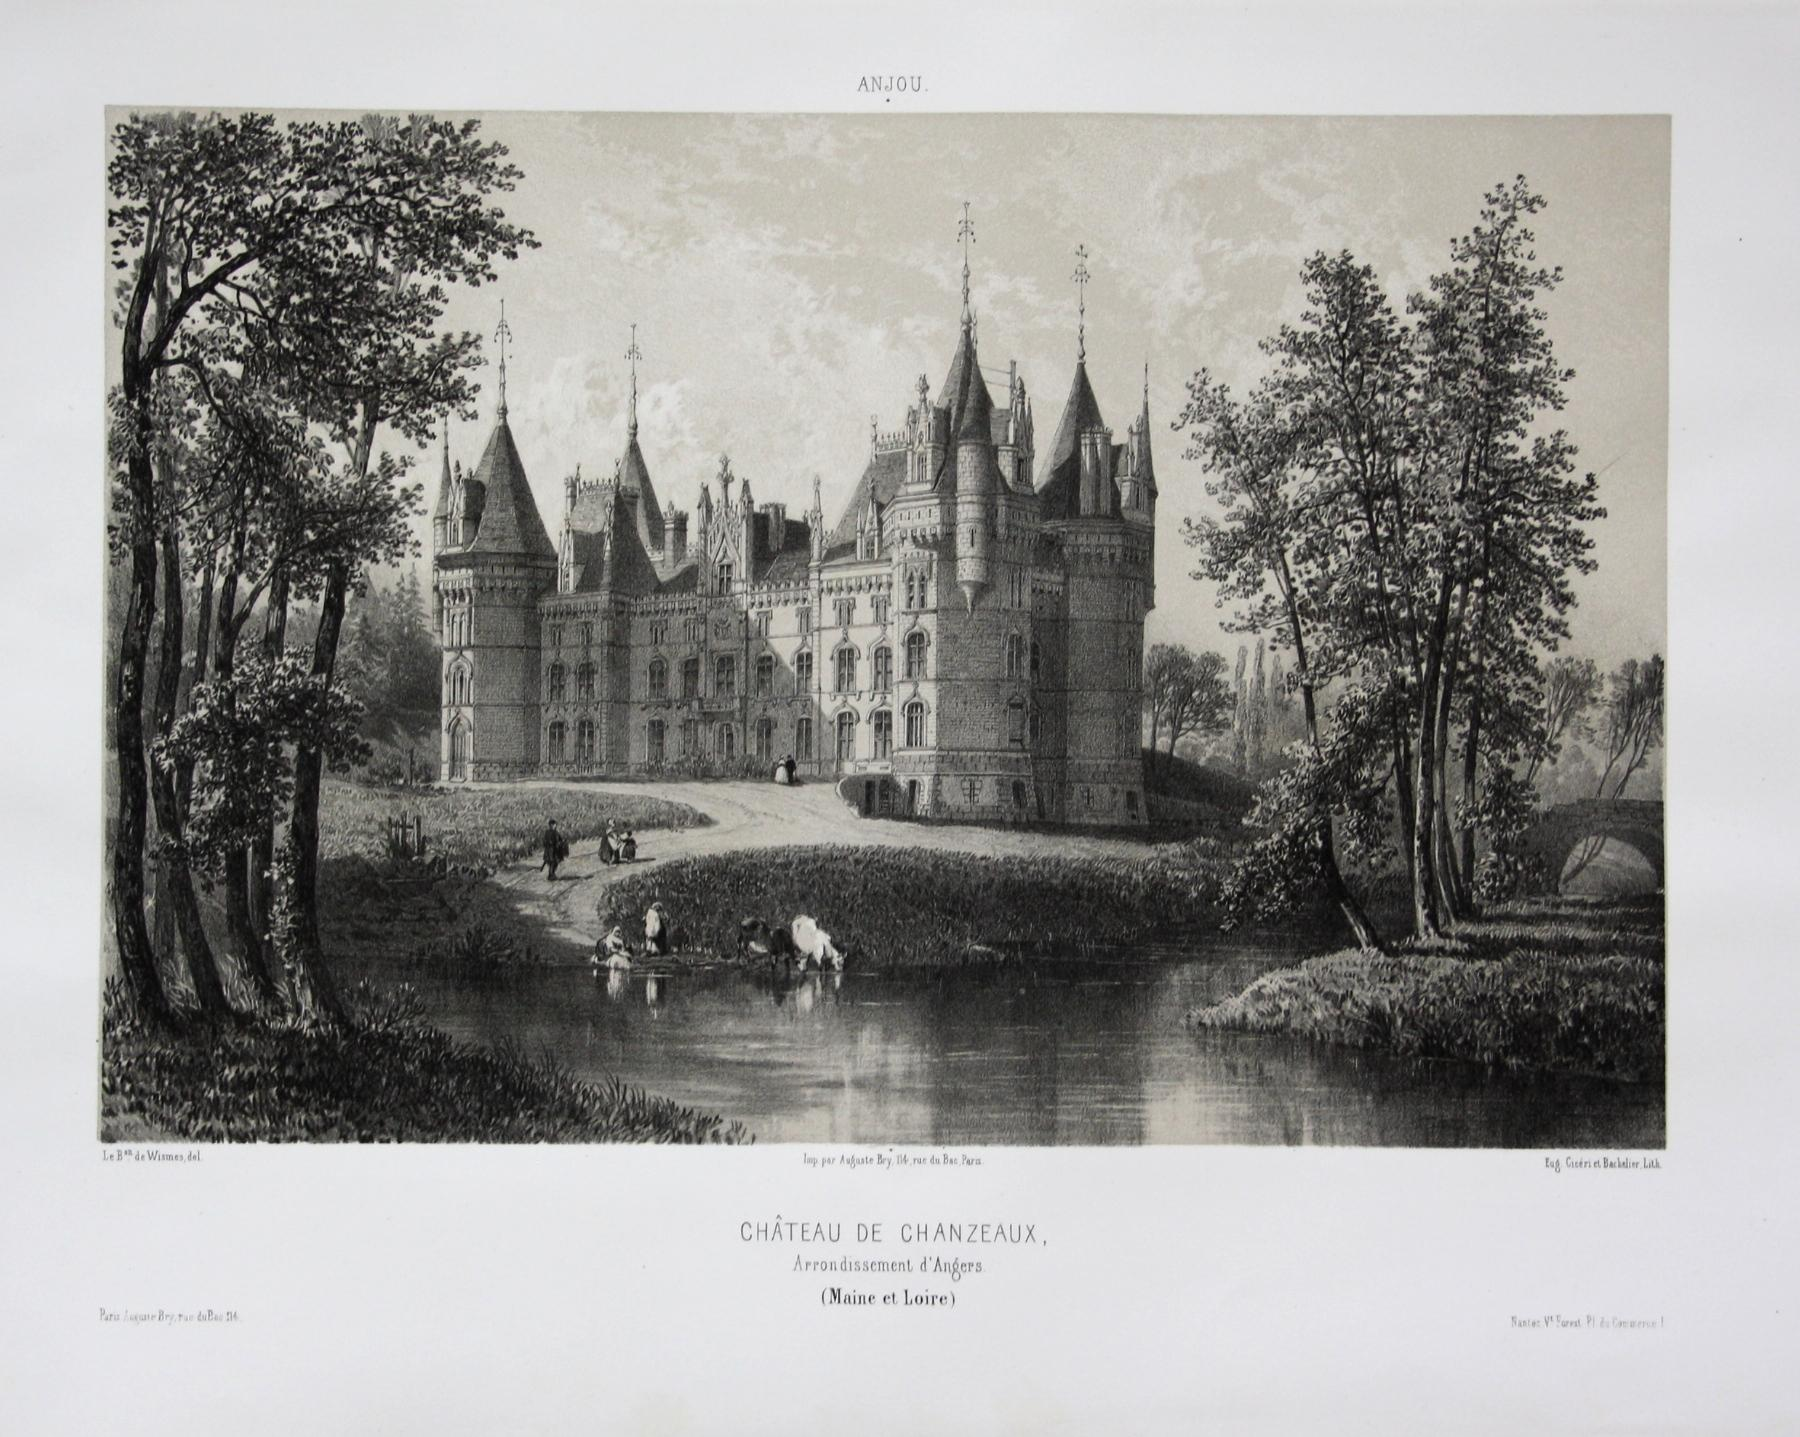 Chateau de Chanzeaux / Arrond. d'Angres /: Wismes, Olivier de